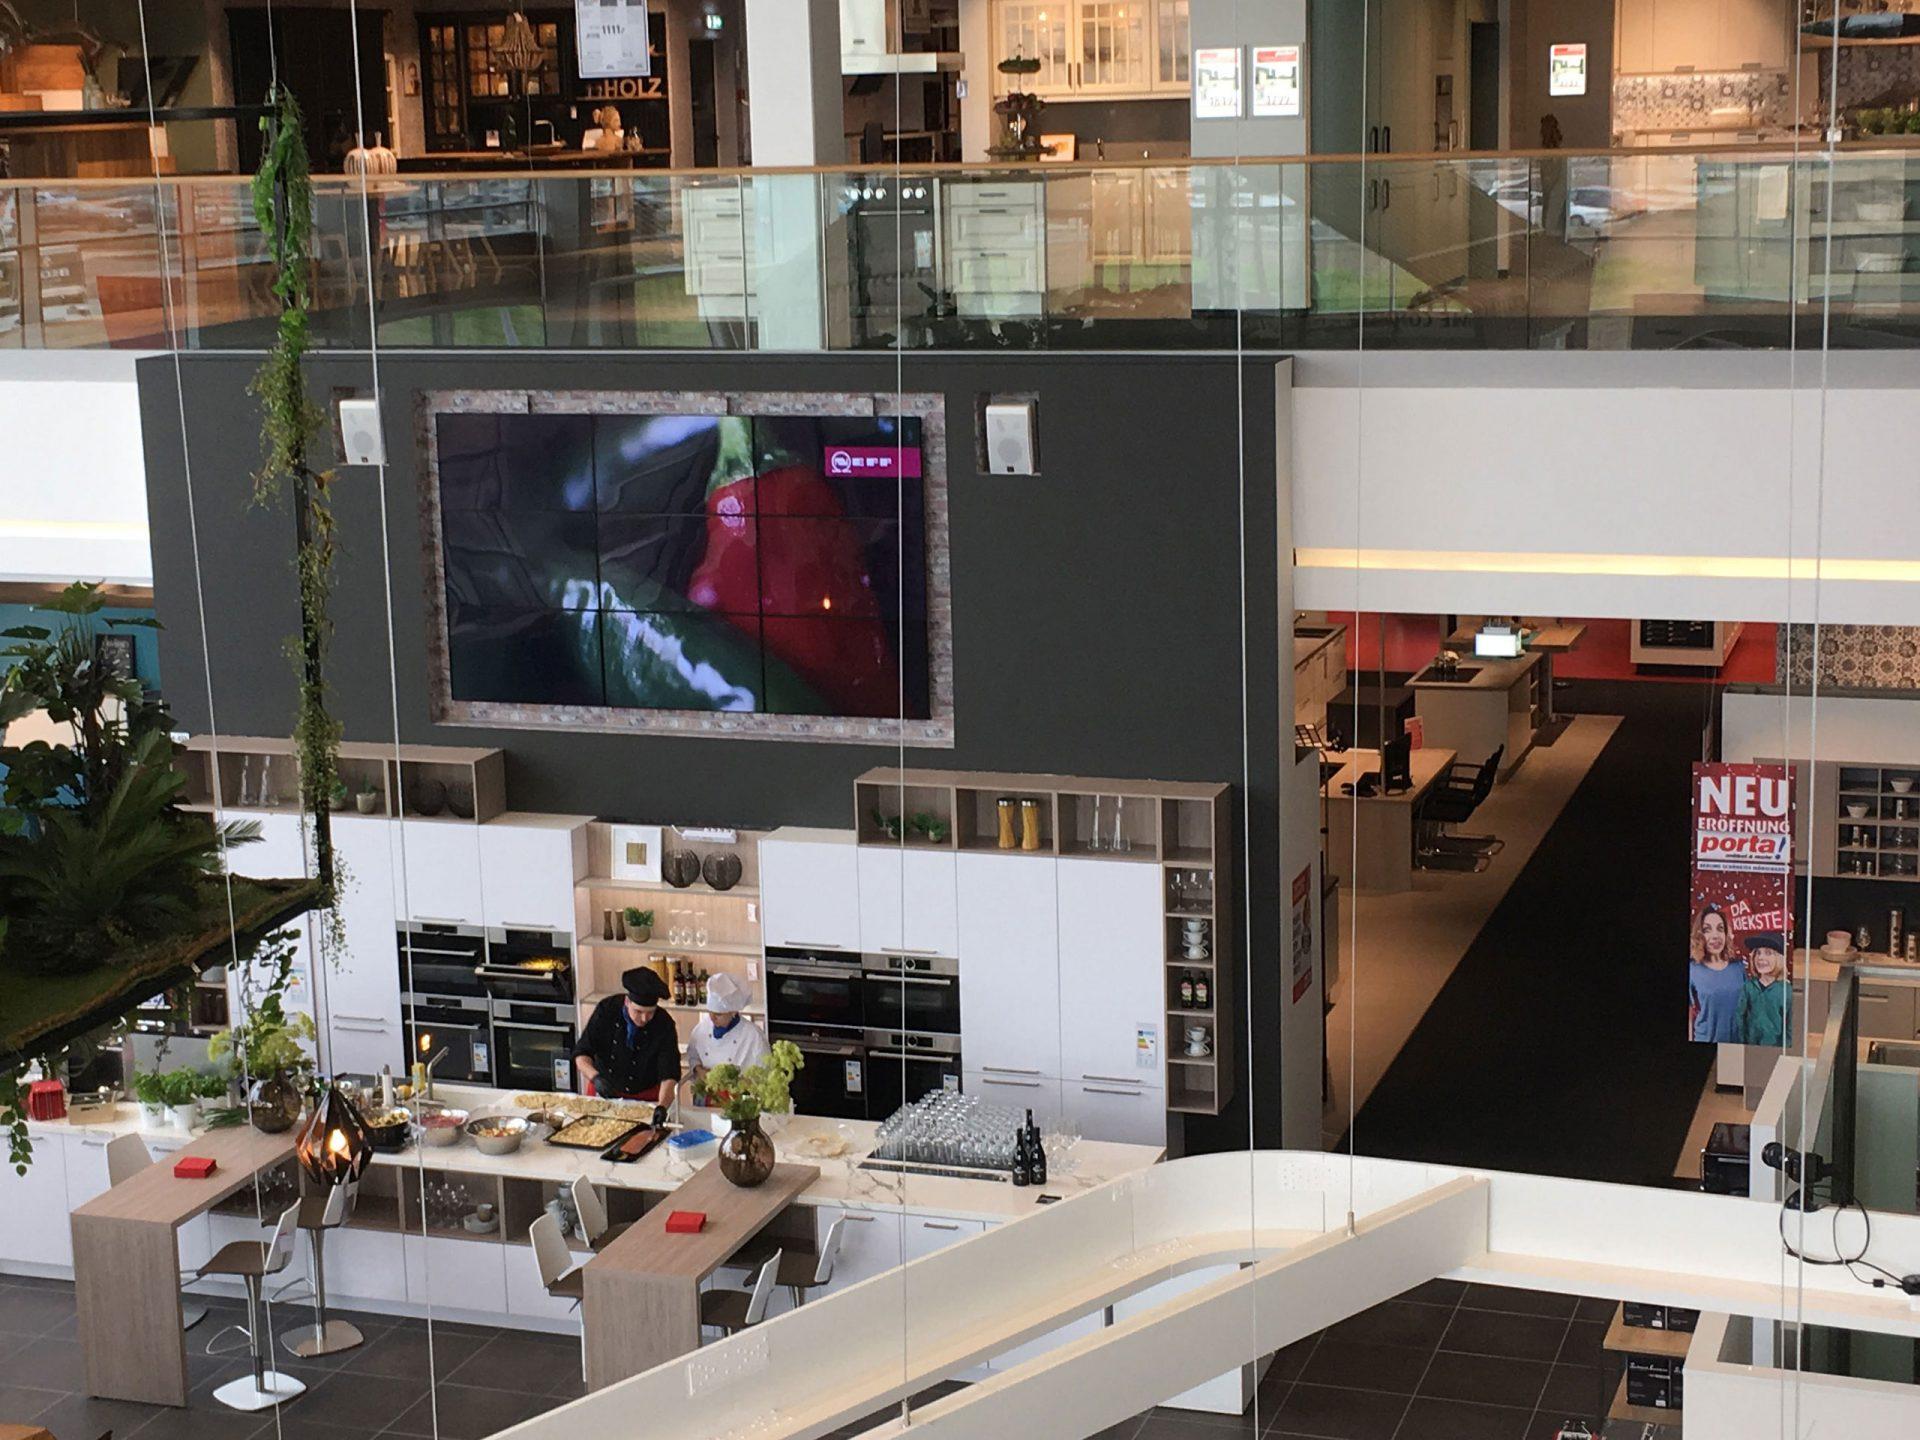 Professionelles Digital Signage-Display in einem Möbelhaus